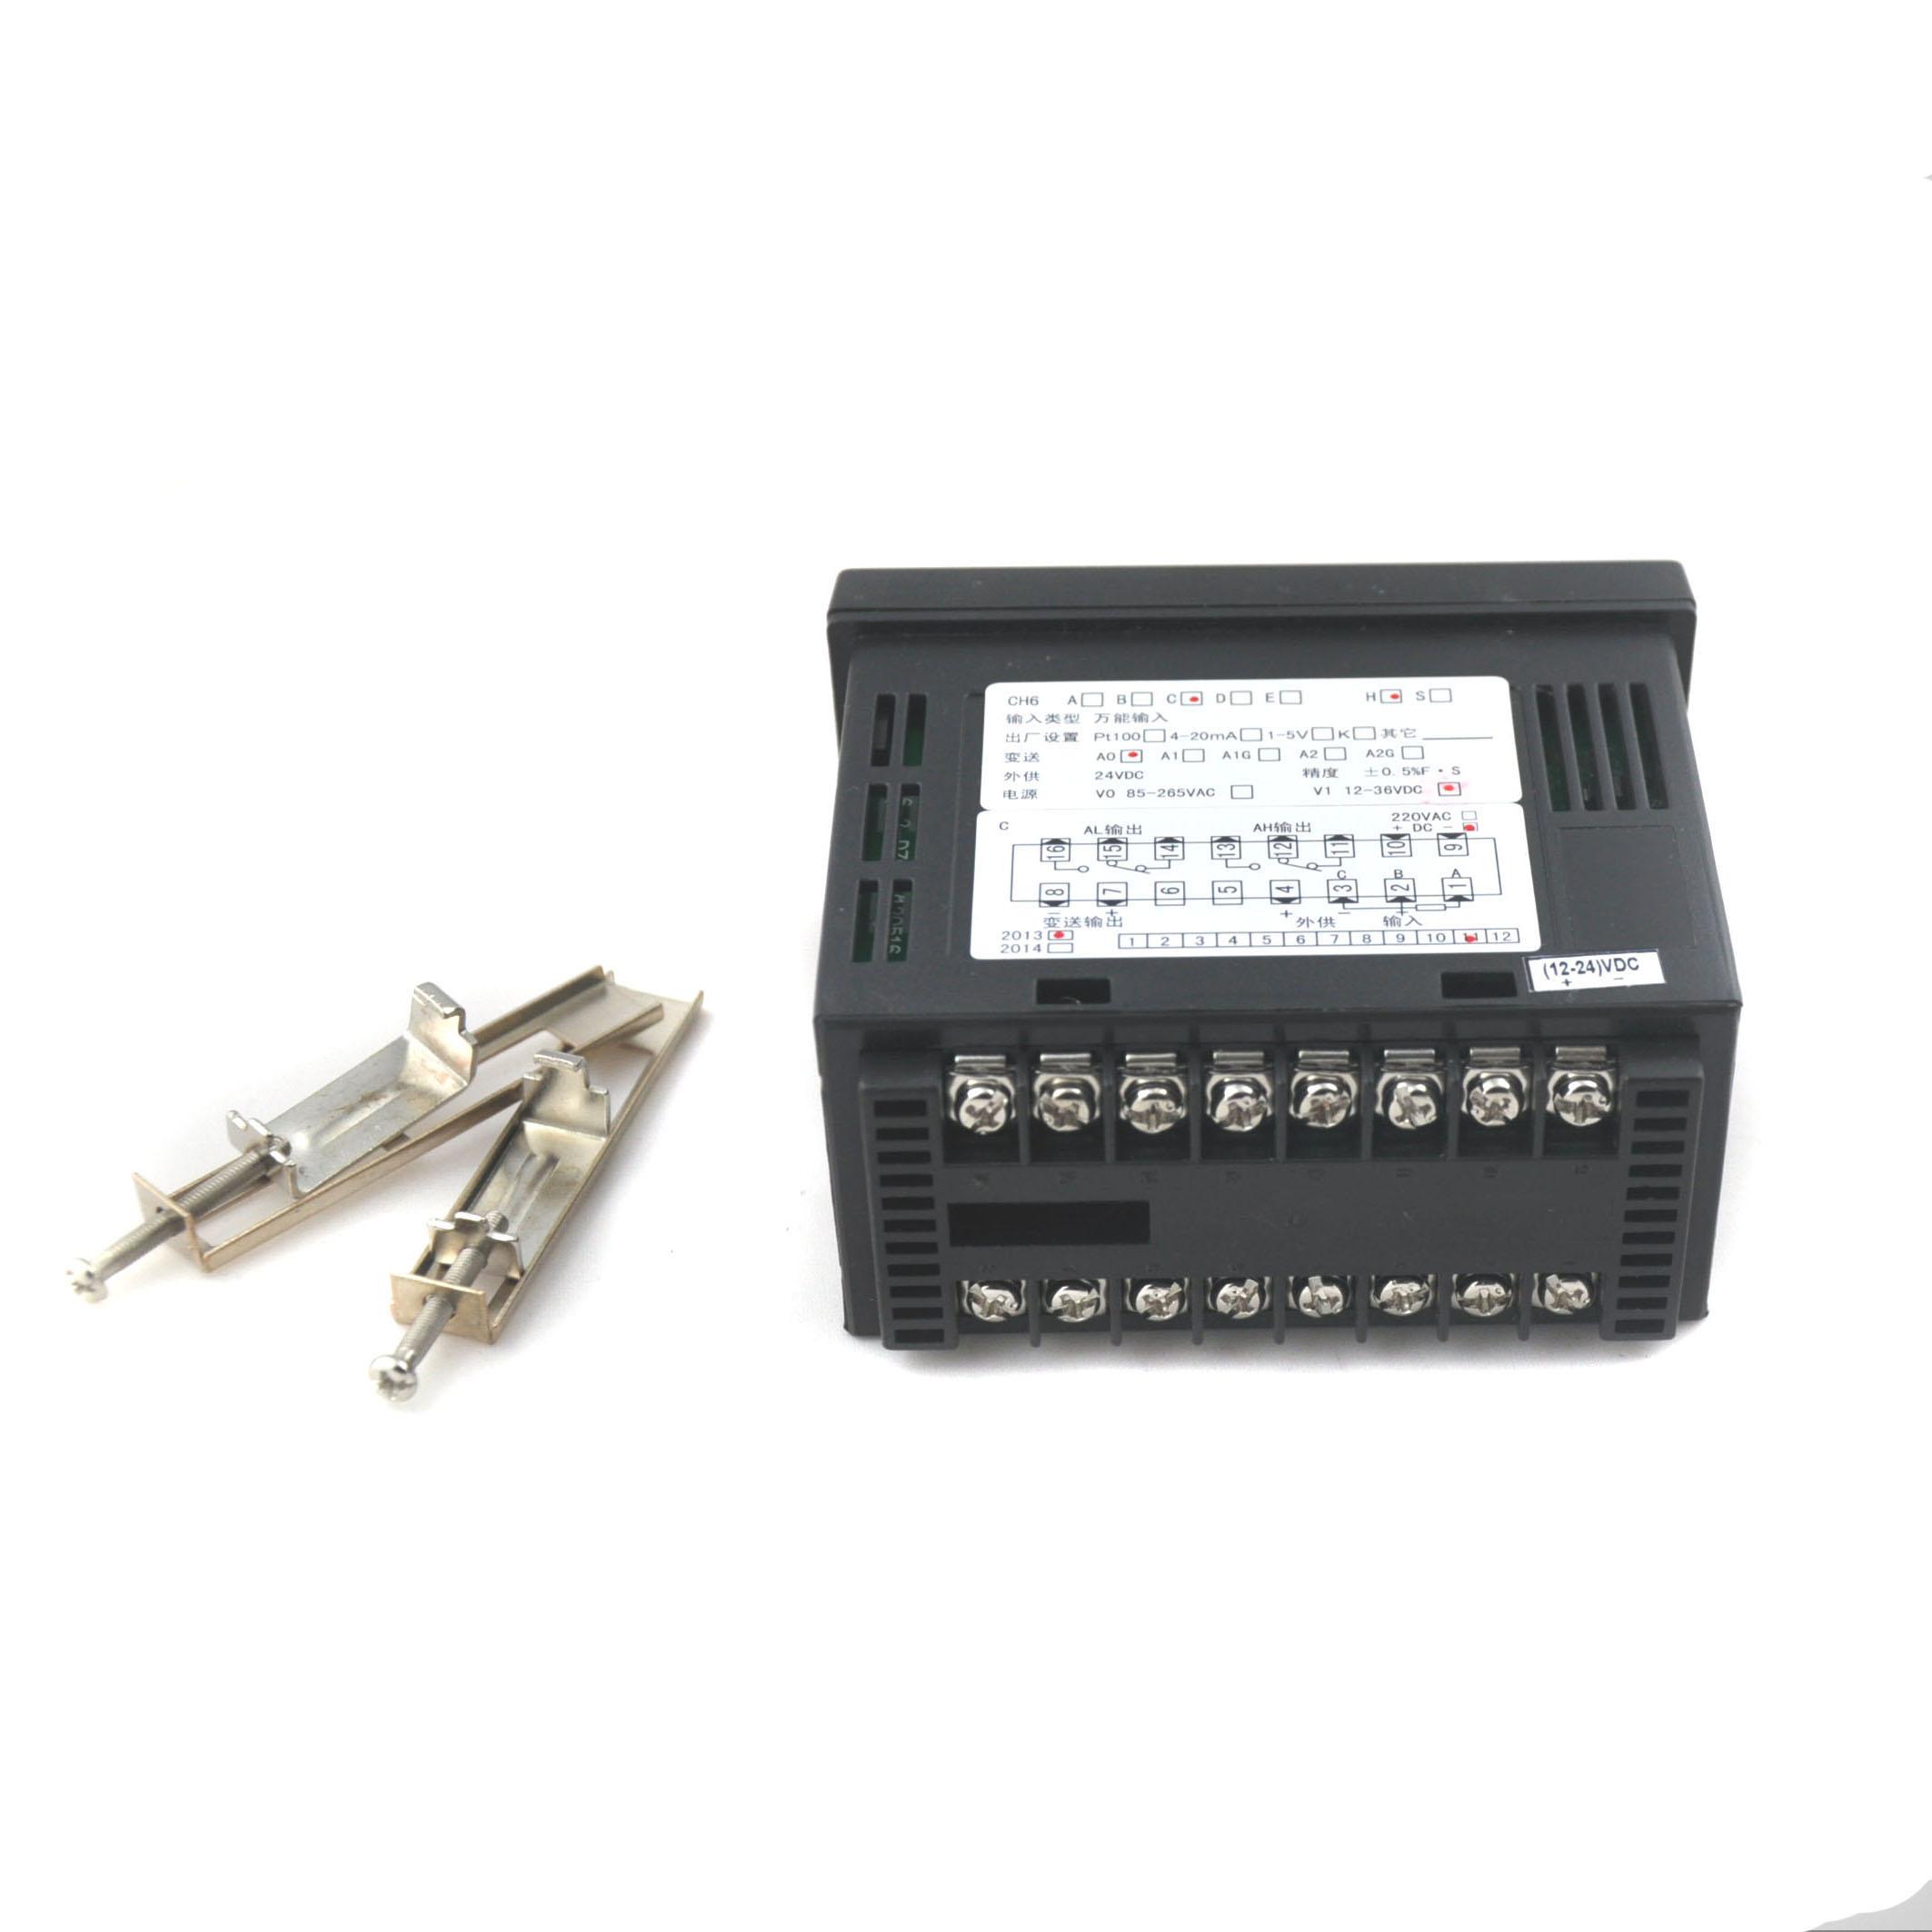 CH6 smart display meter